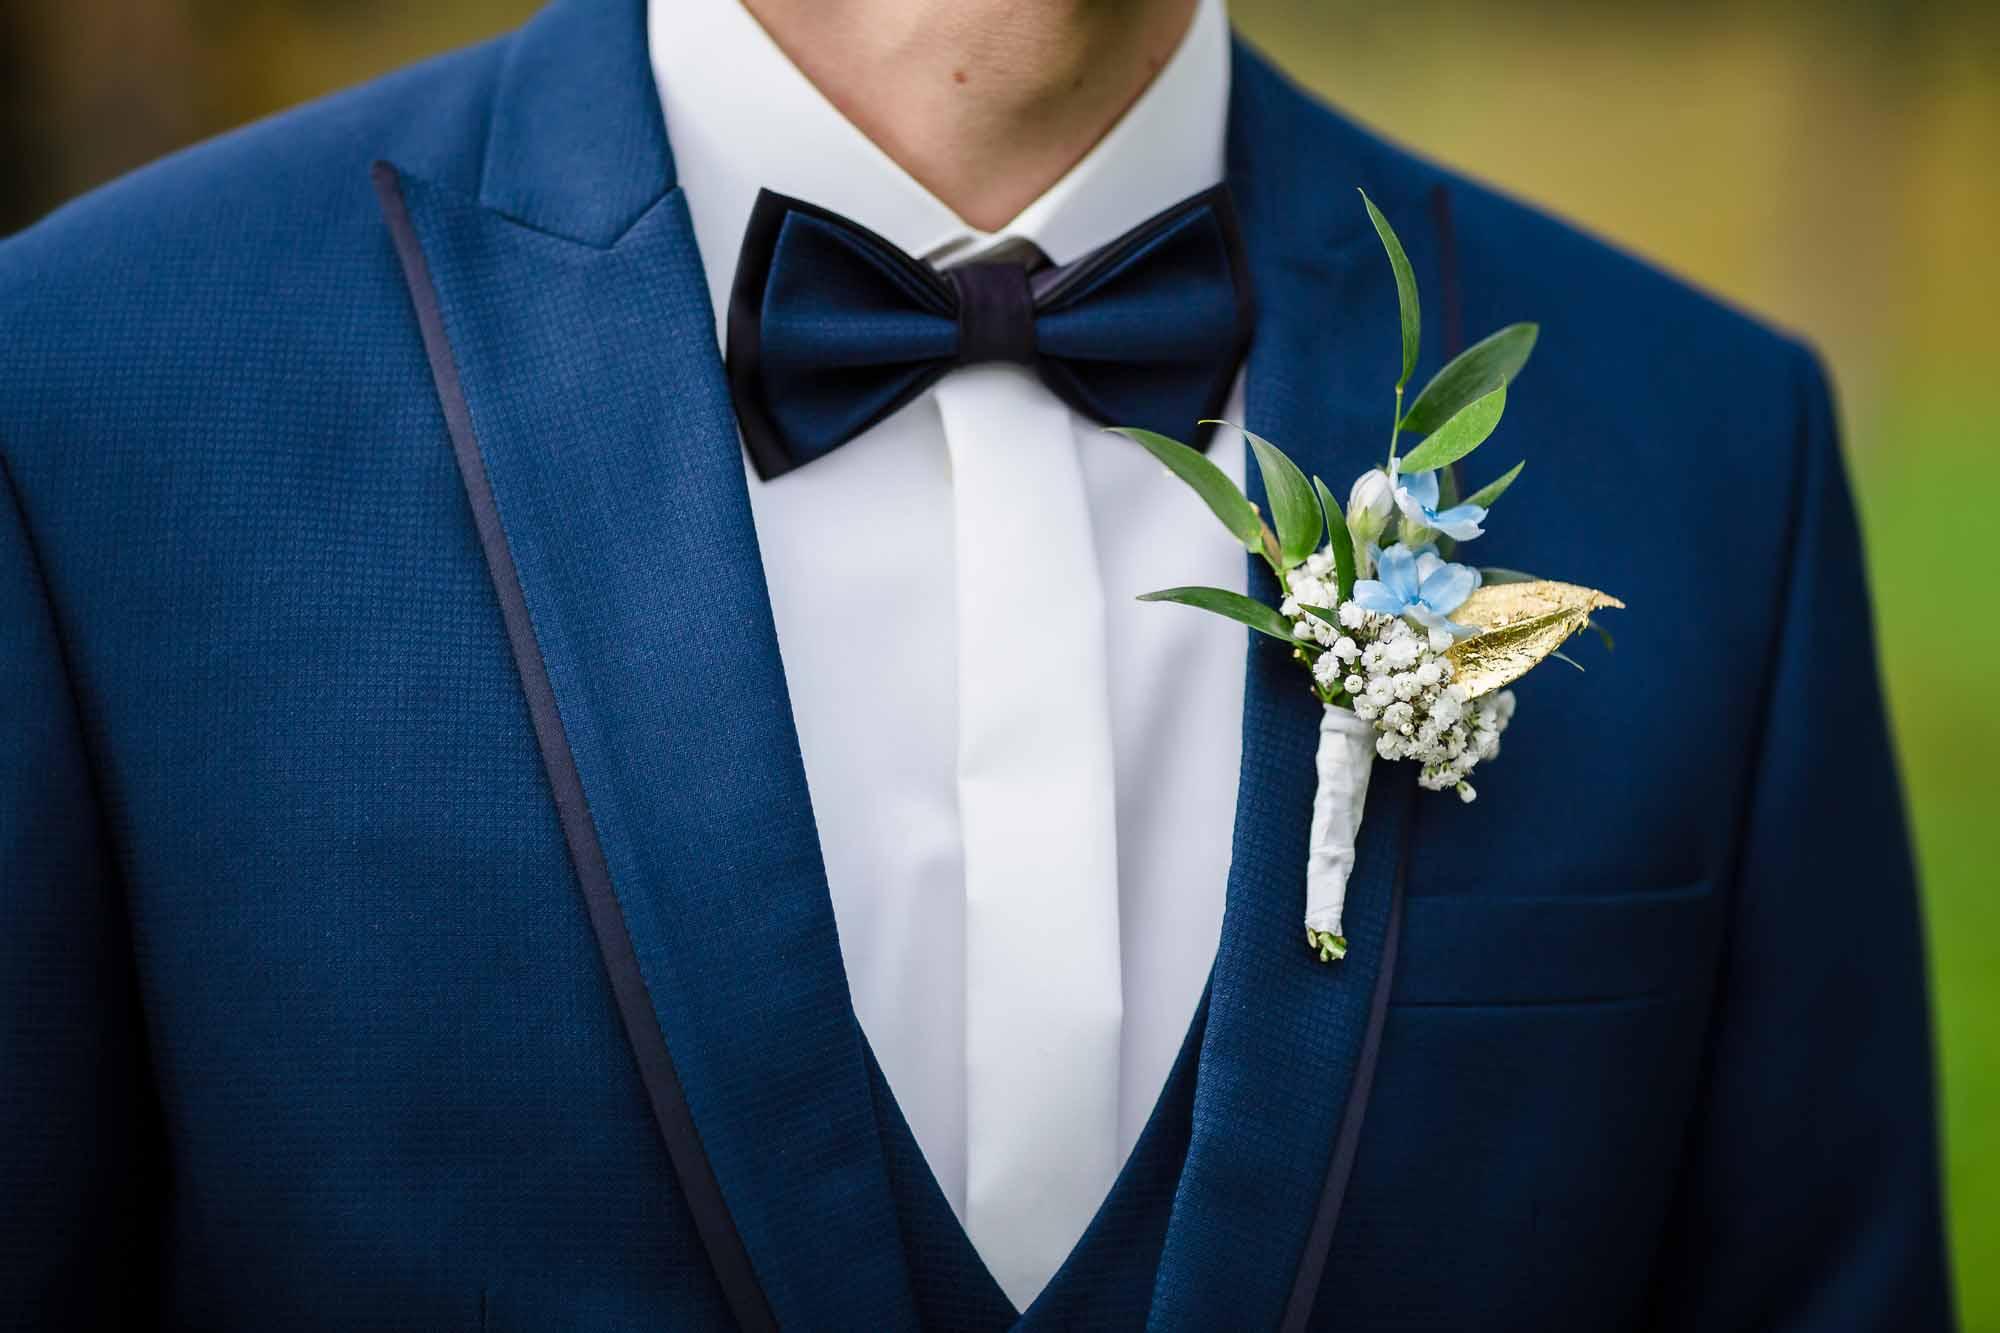 Blumenanstecker Bräutigam auf blauem Anzug Smoking